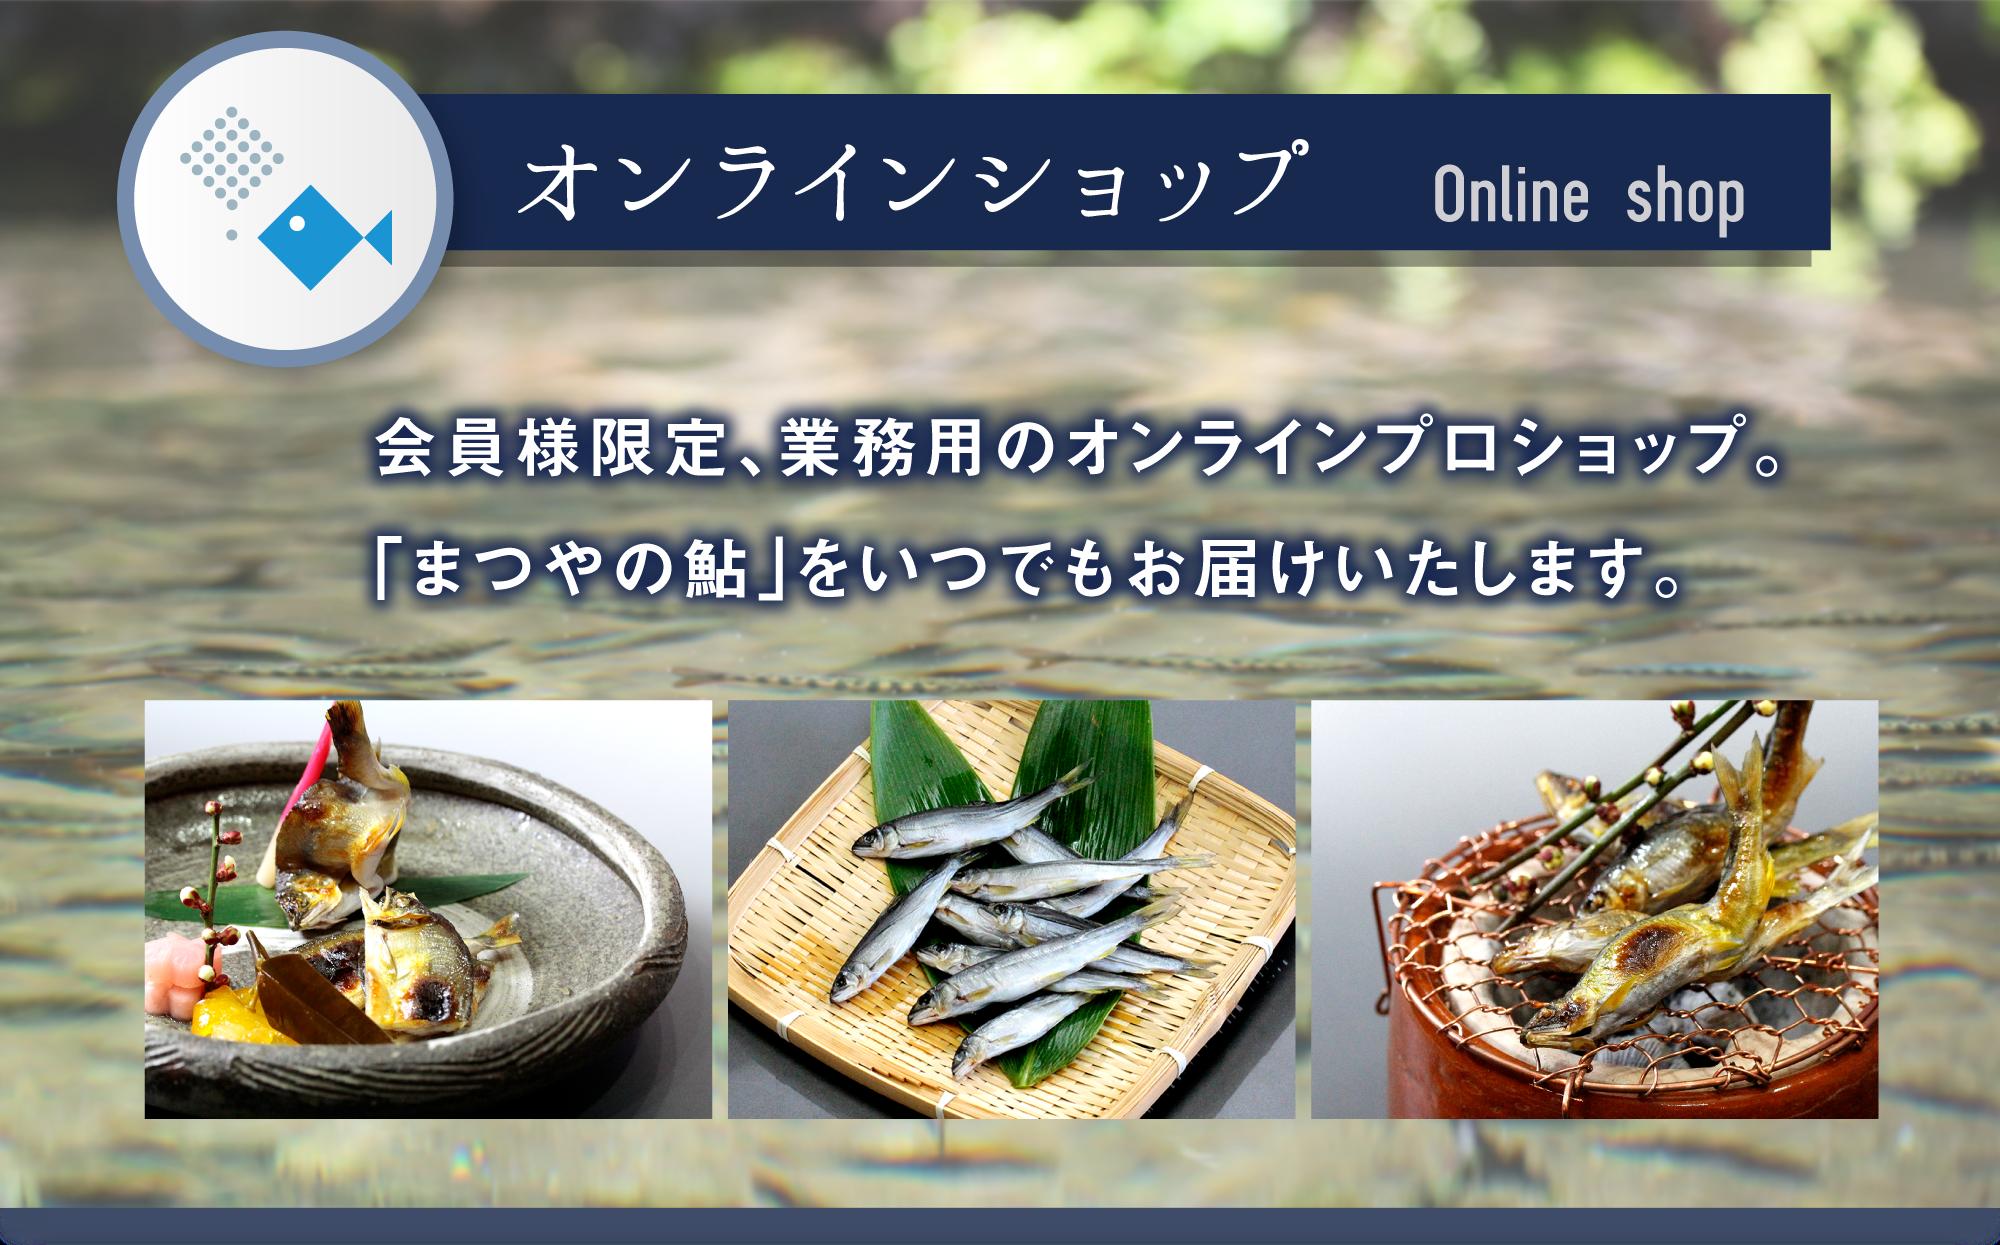 株式会社松屋のオンラインショップ